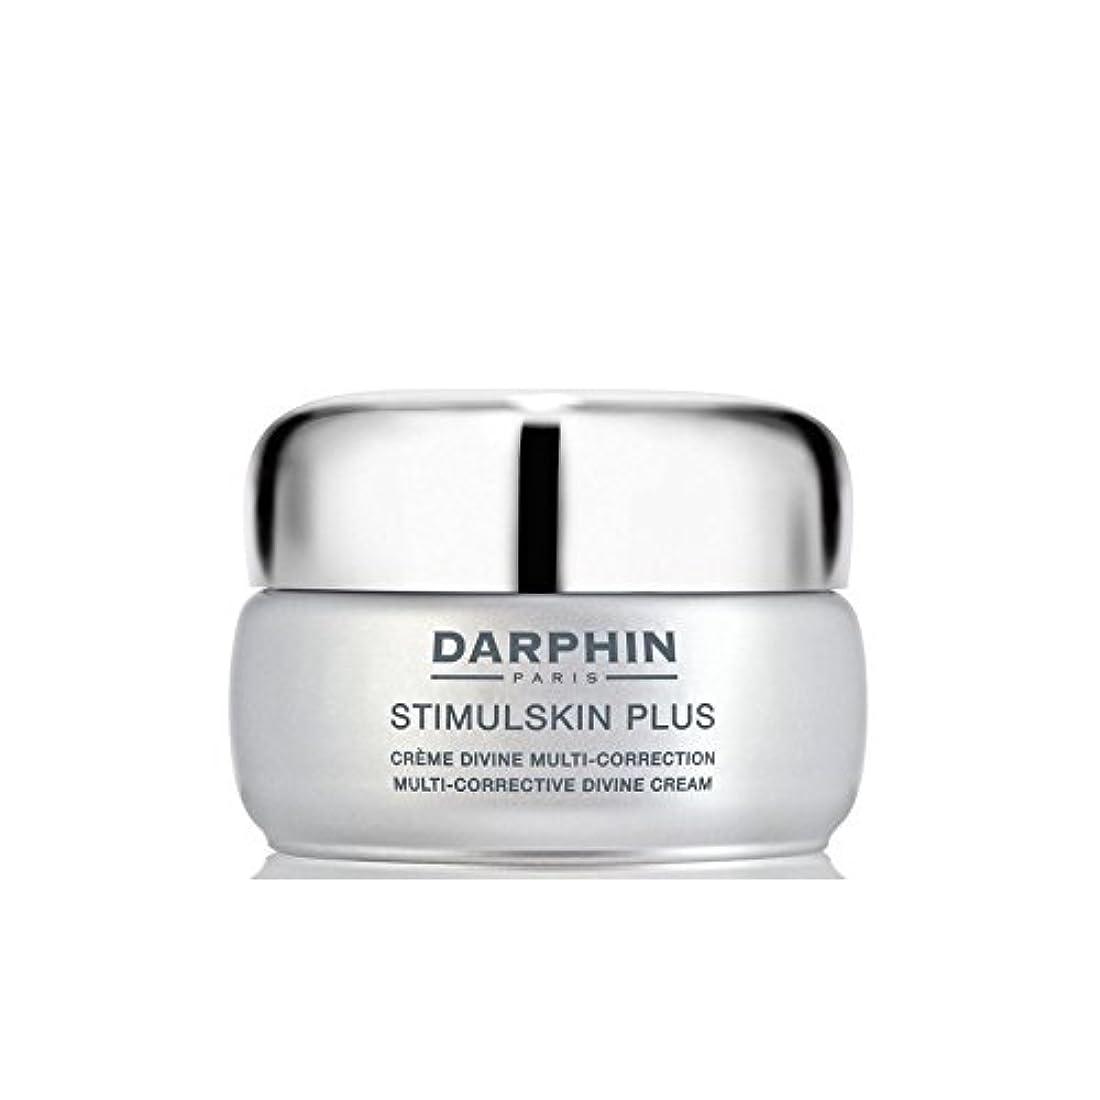 ゴシップ全部担保Darphin Stimulskin Plus Multi-Corrective Divine Cream - Rich - ダルファンスティプラスマルチ是正神クリーム - 豊富 [並行輸入品]